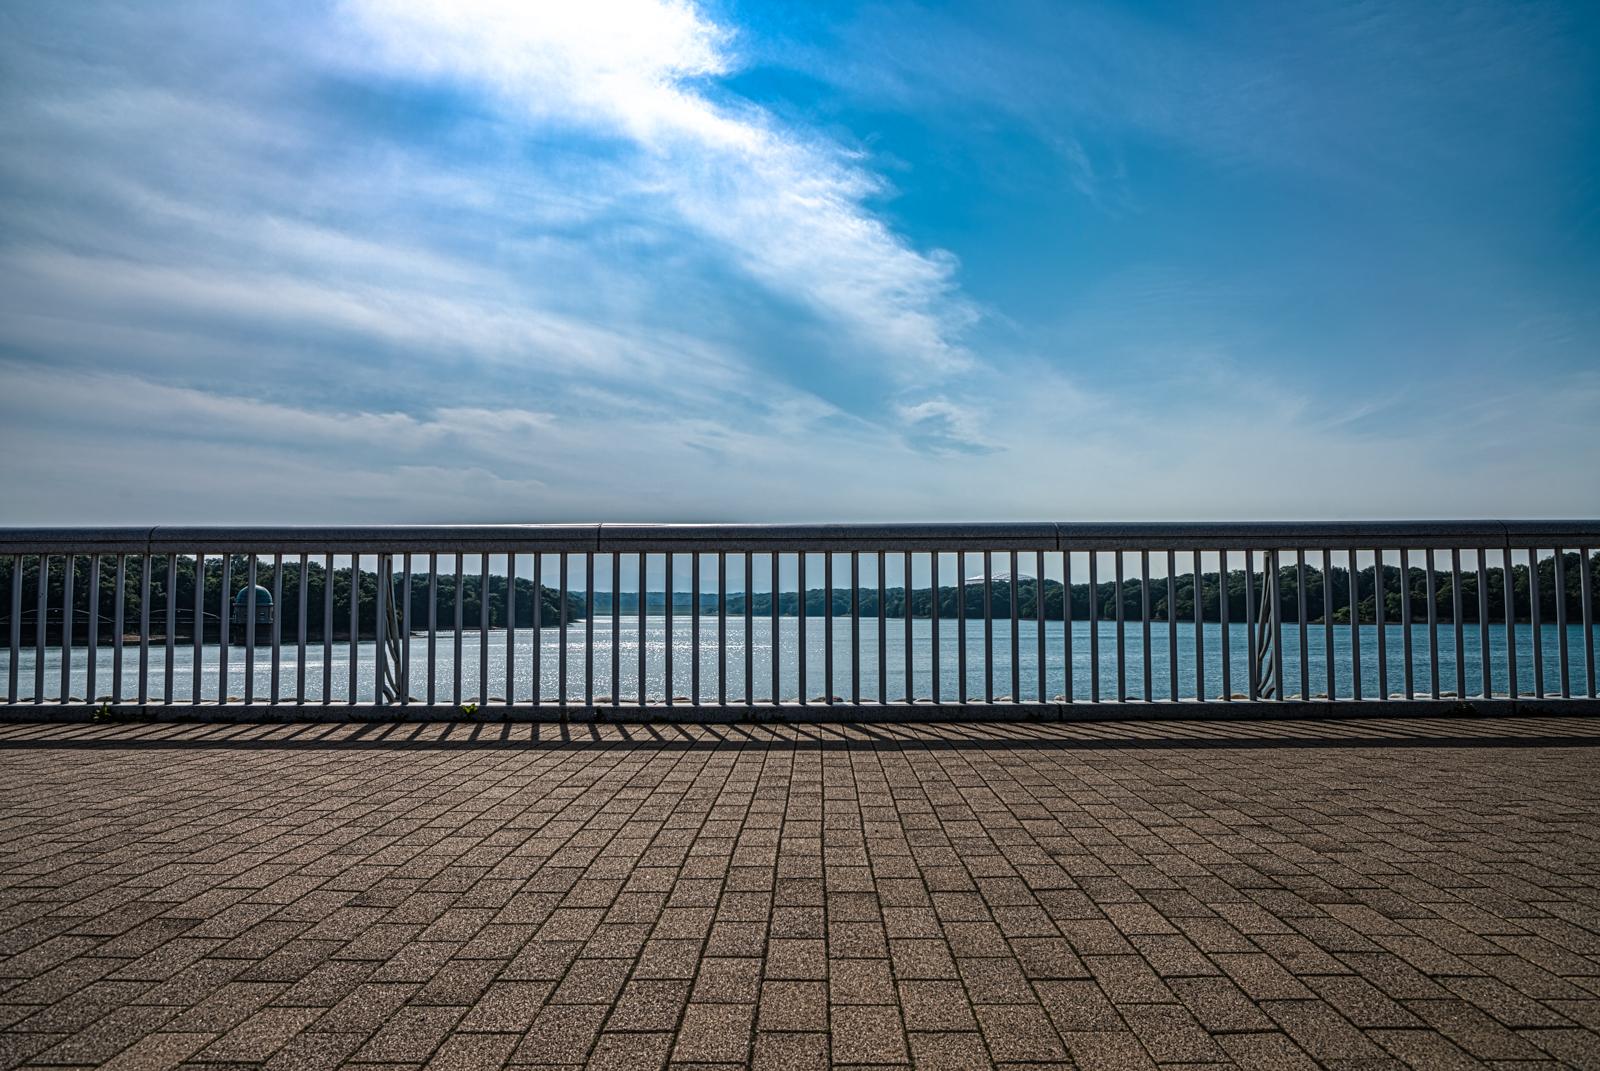 多摩湖のHDR写真 1枚目